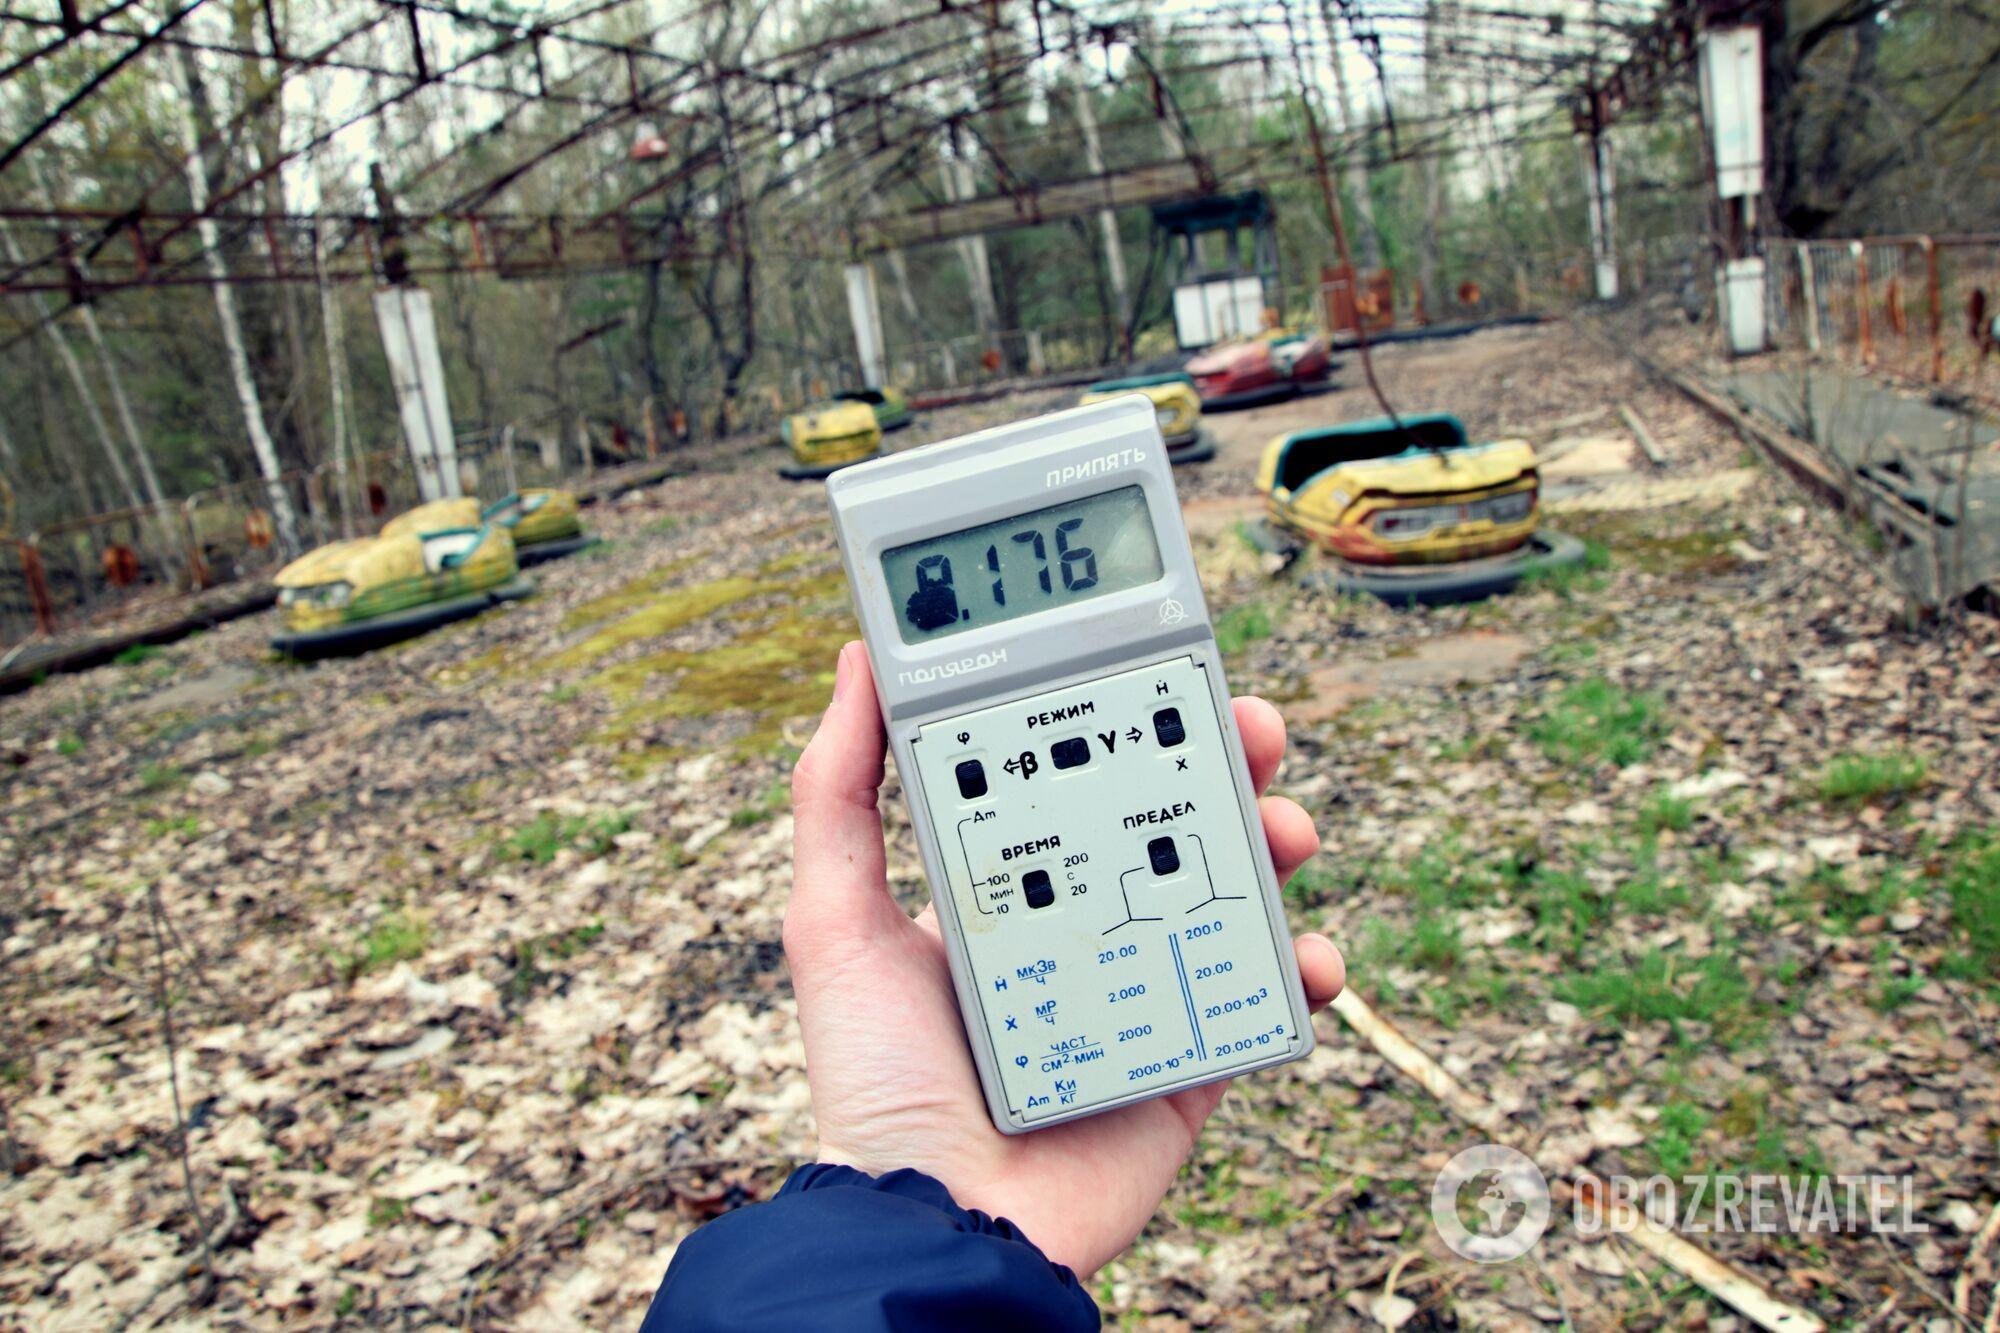 Замер фона в центре Припяти. Показатель дозиметра - 176 мкР/ч